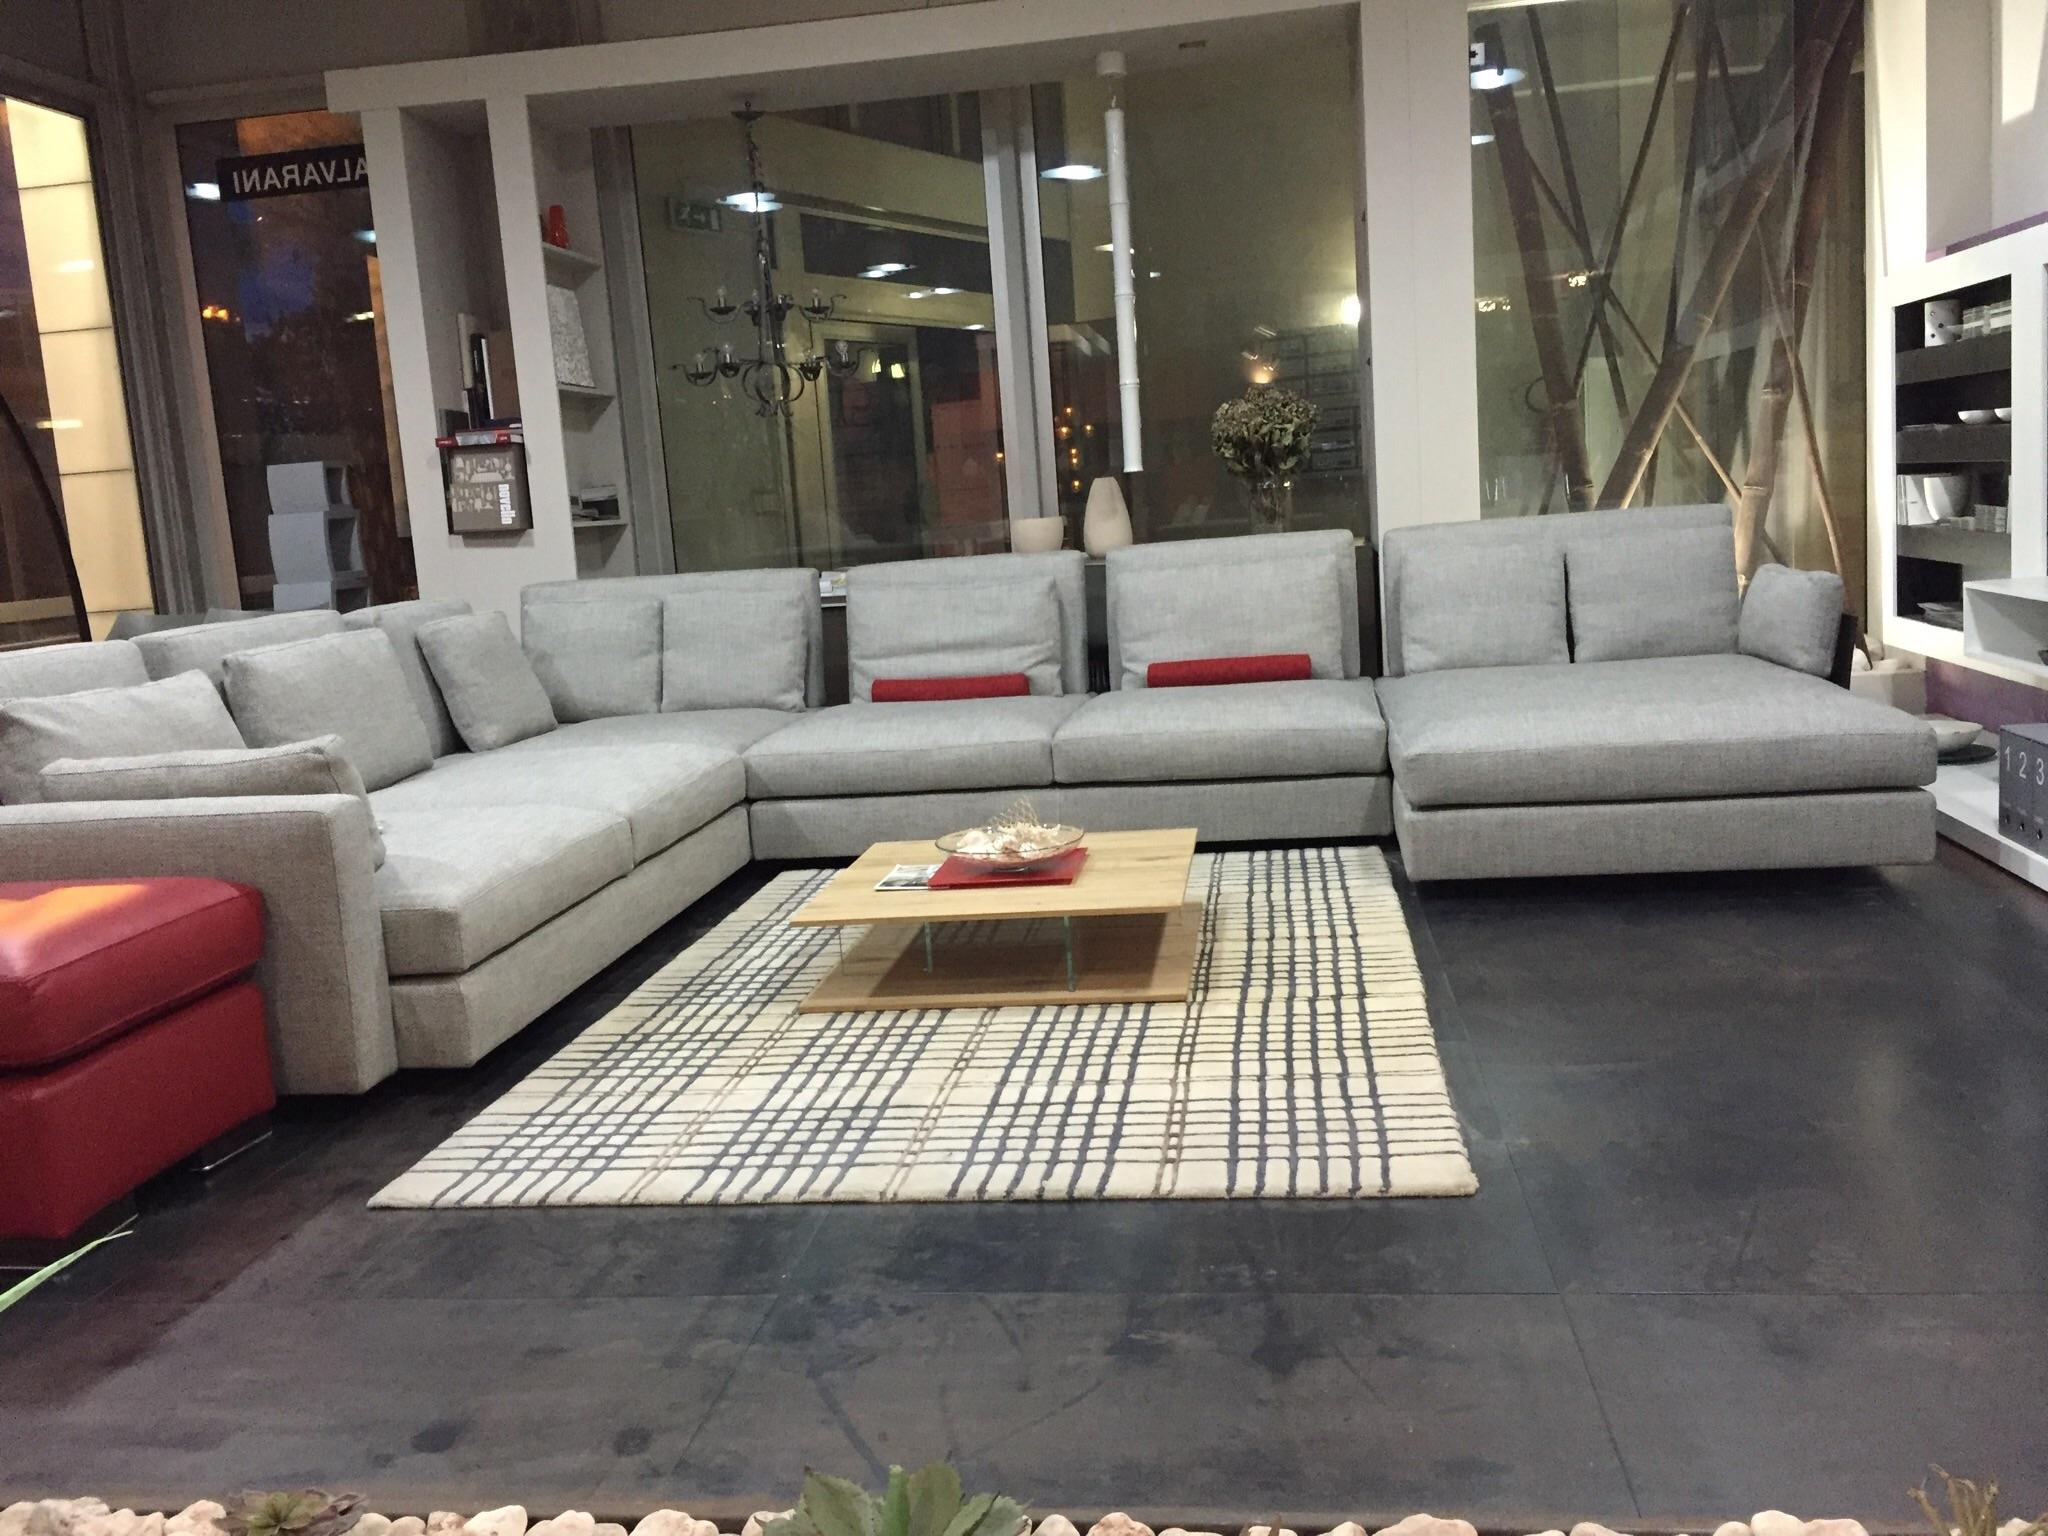 Divano swan hemingway divani con chaise longue divani a for Divano con mobile incorporato